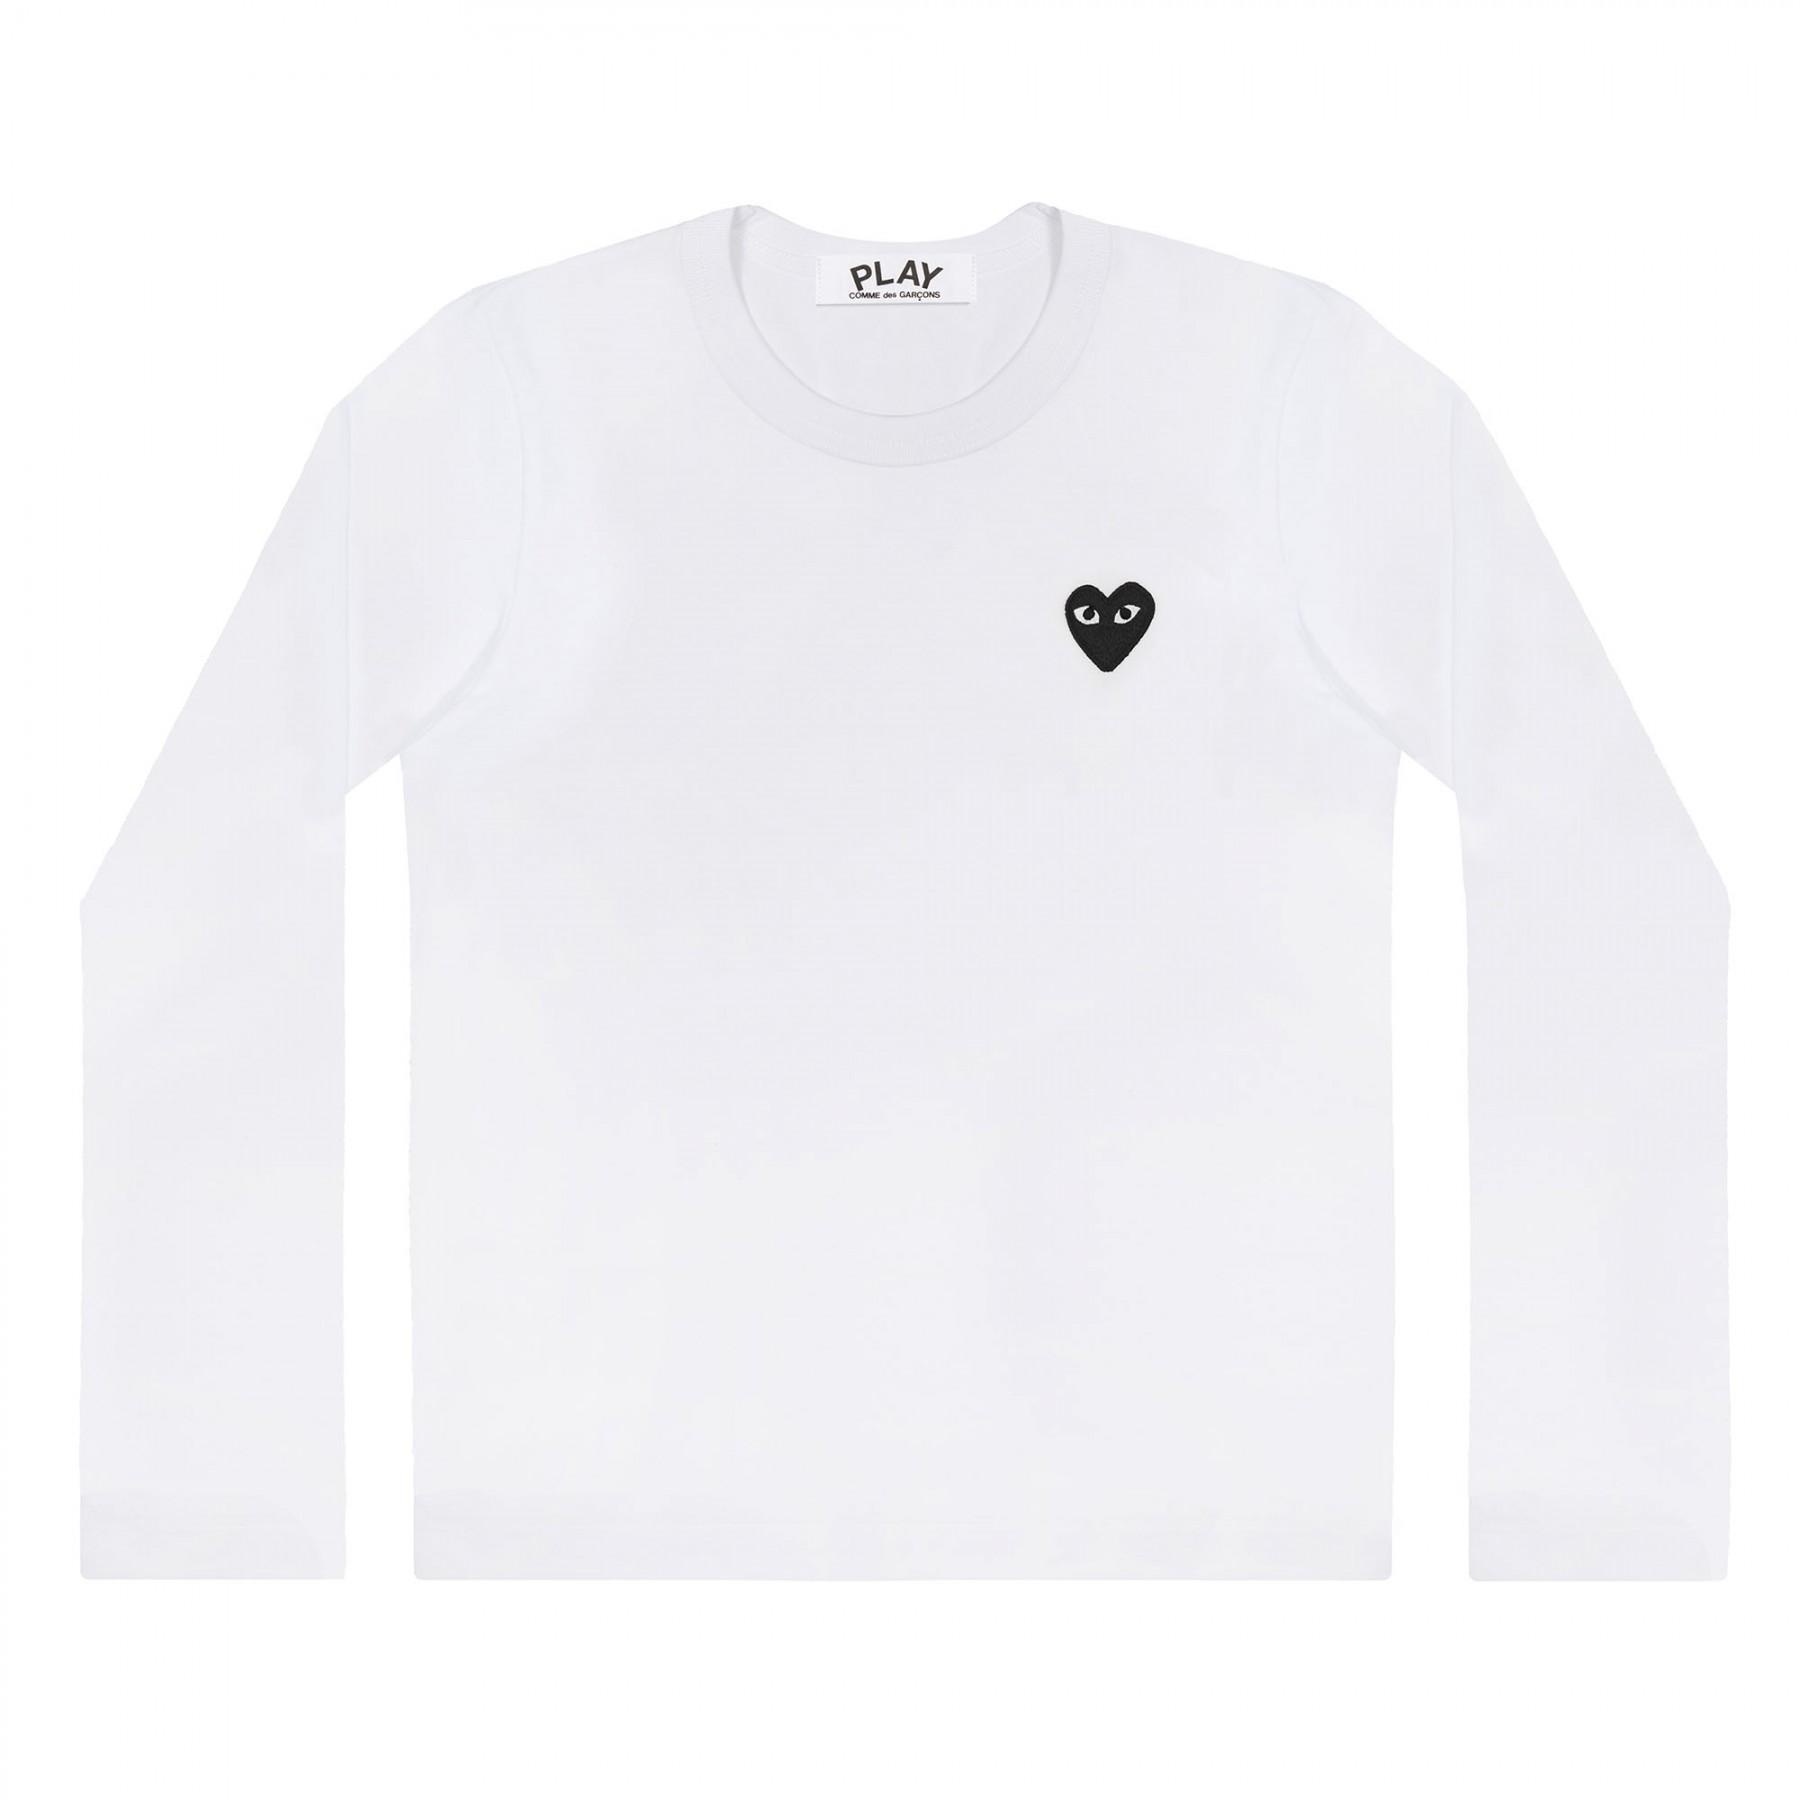 꼼데가르송 PLAY 화이트 티셔츠 원포인트 블랙하트 (남성)